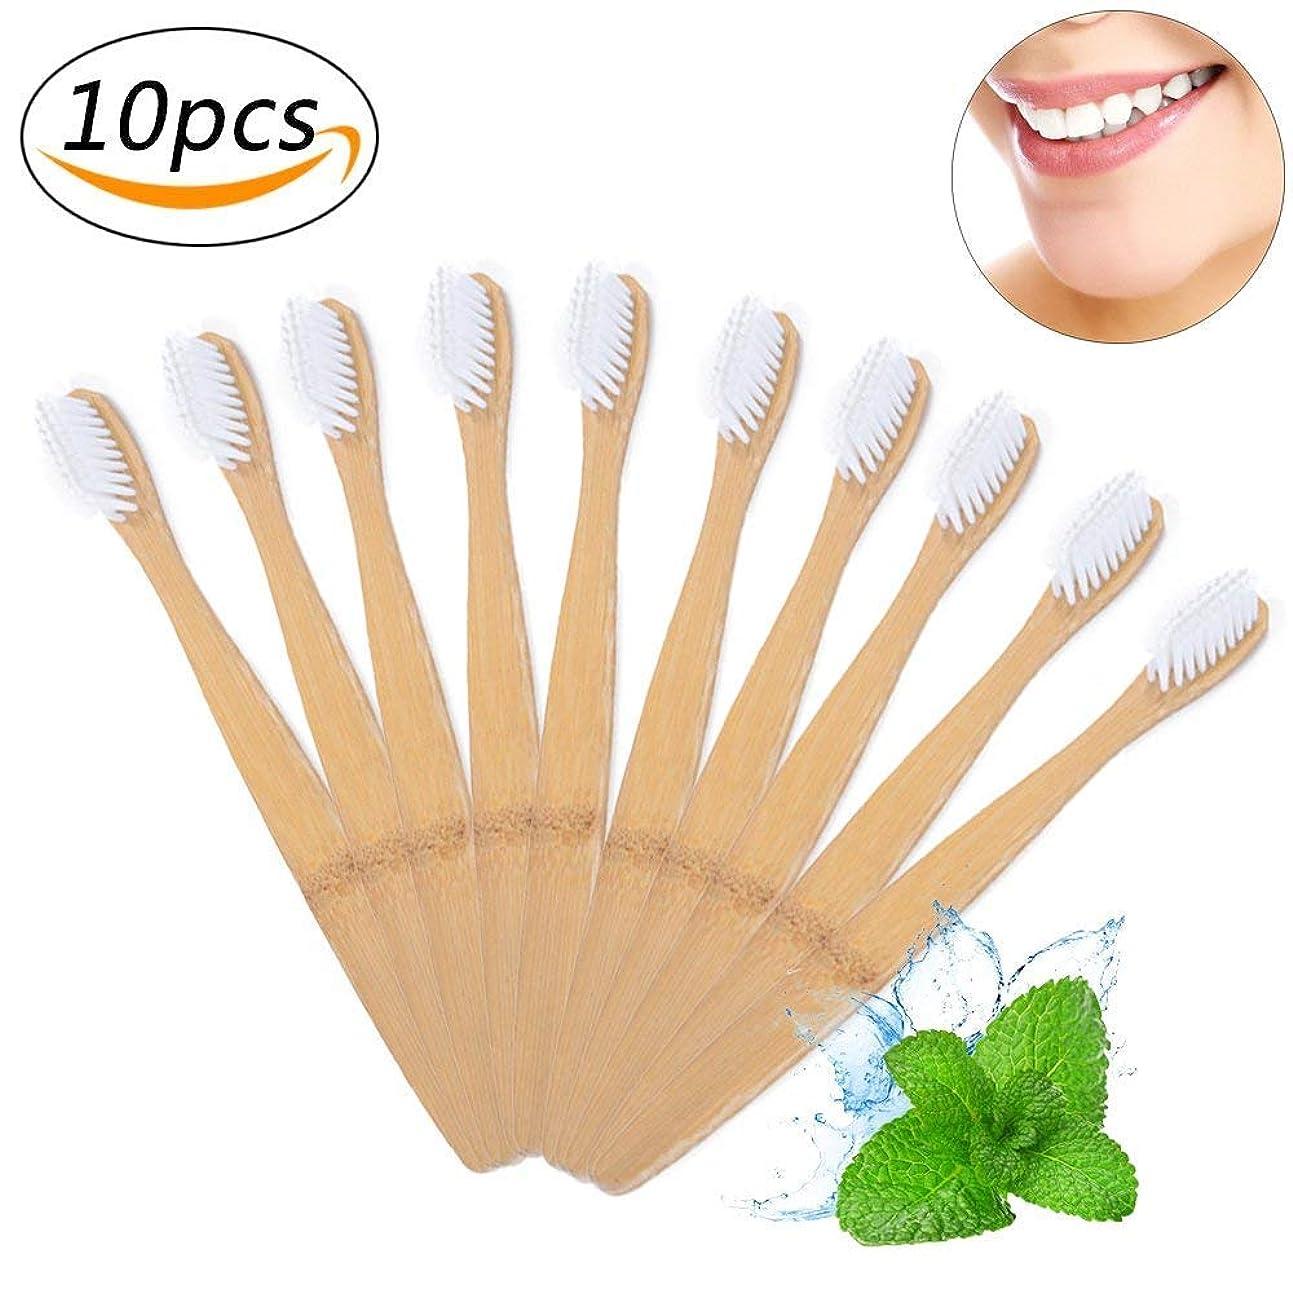 懐疑論スキル町竹の歯ブラシ 環境保護の歯ブラシ 柔らかいブラシ 分解性 耐久性 ホワイト 10本入